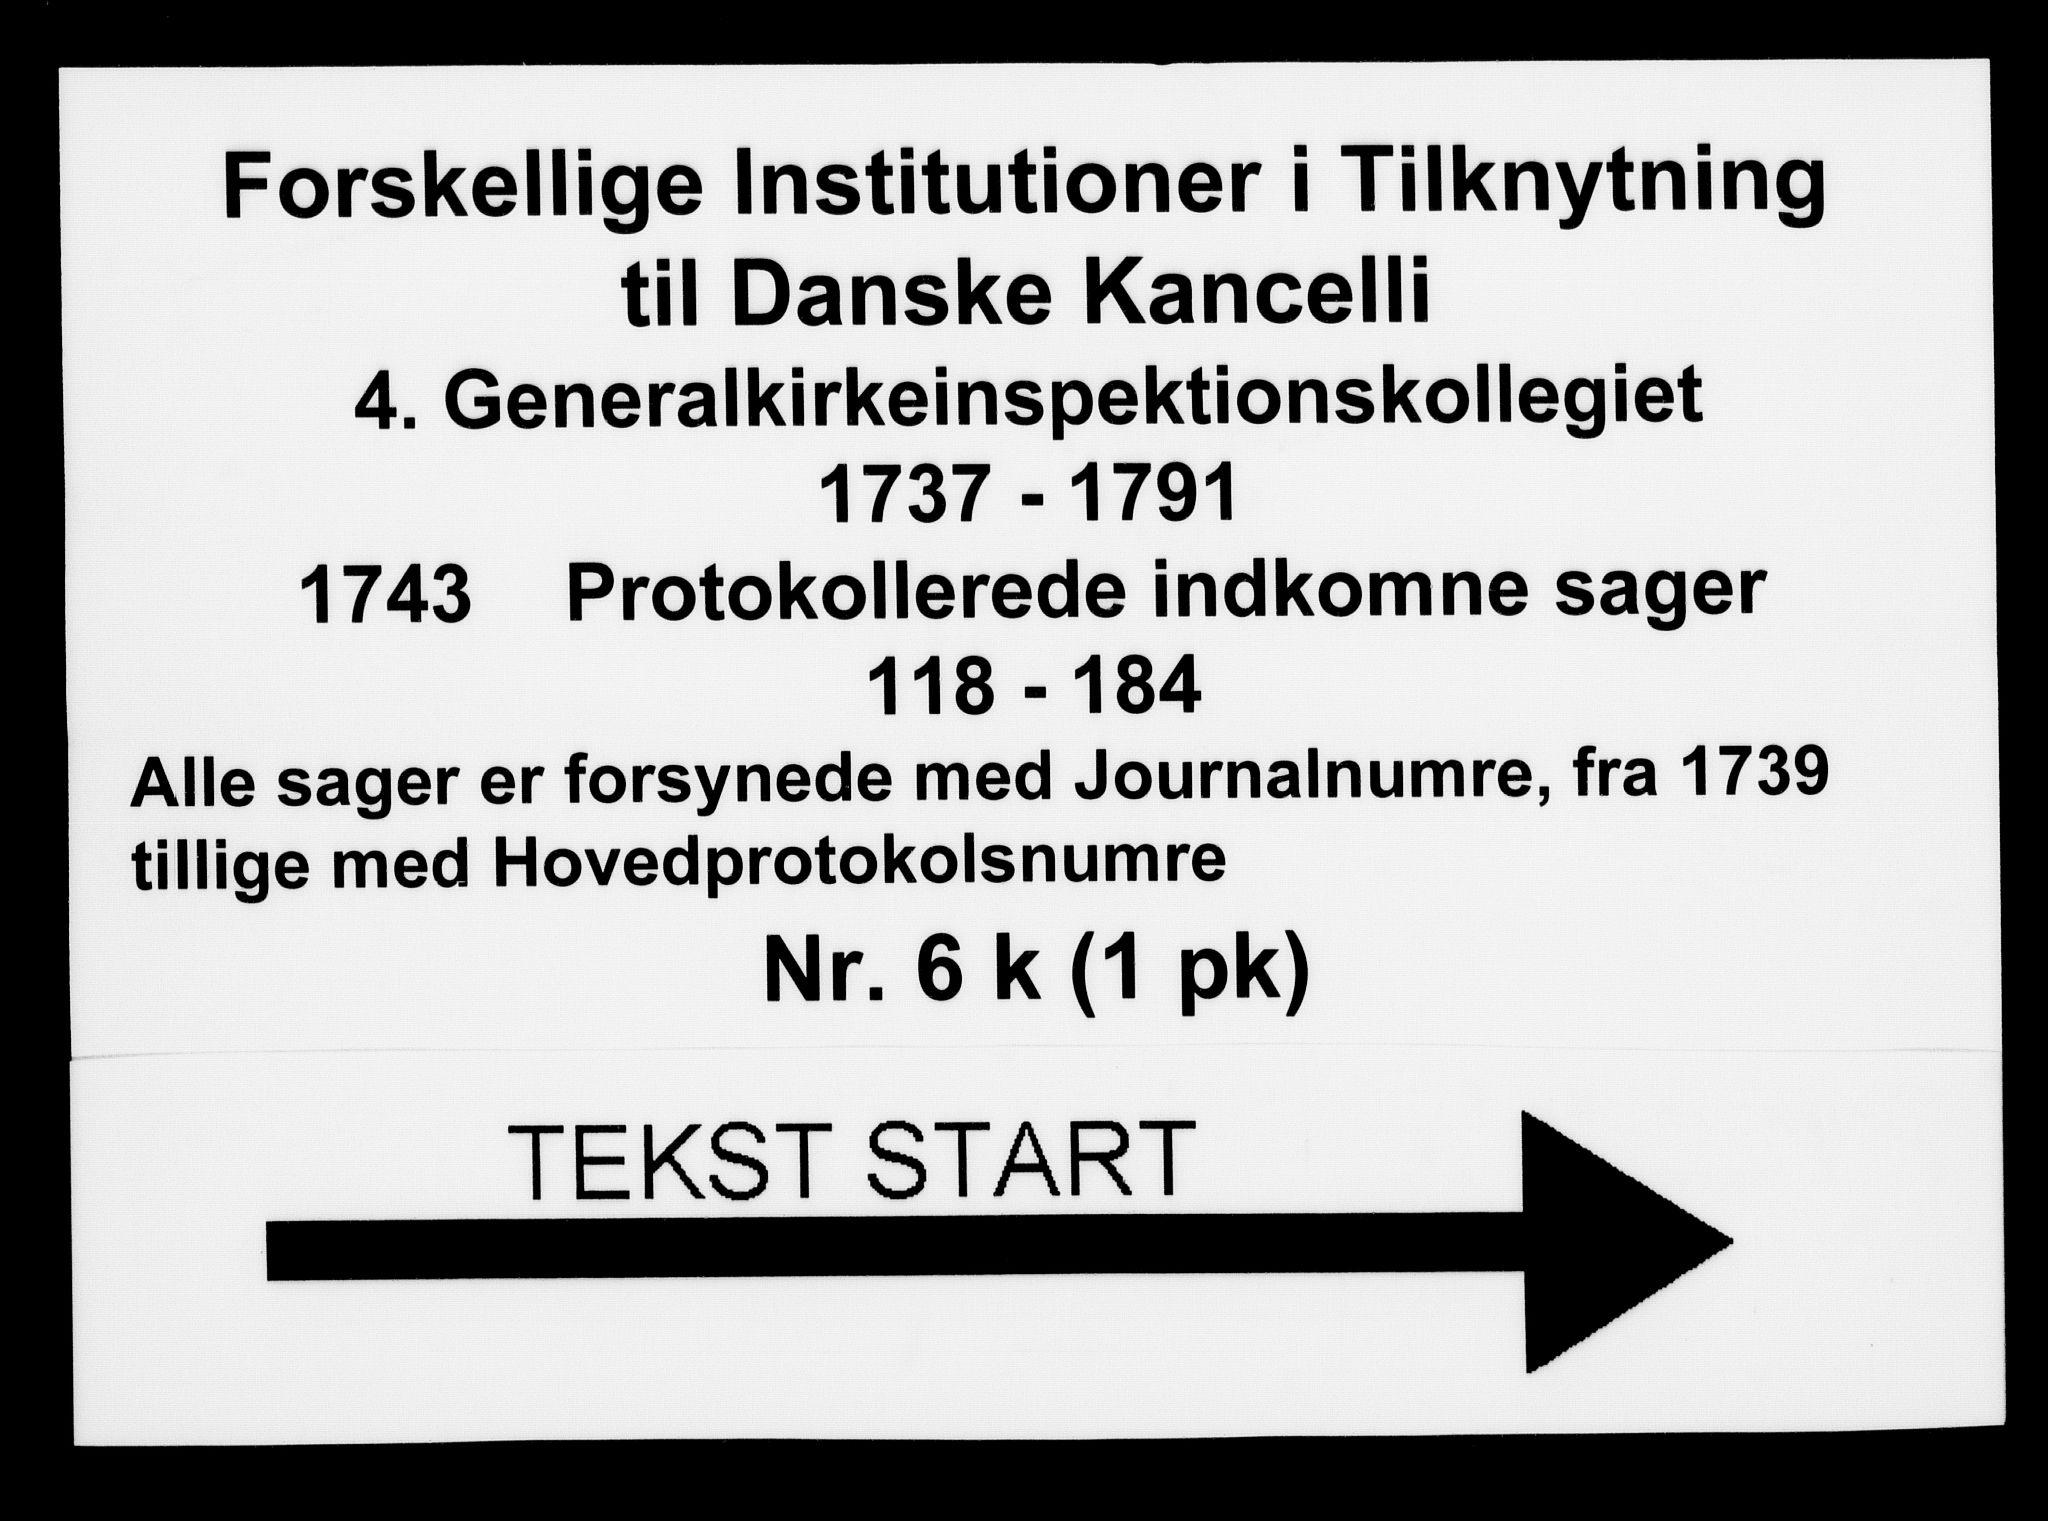 DRA, Generalkirkeinspektionskollegiet, F4-06/F4-06-11: Protokollerede indkomne sager, 1743